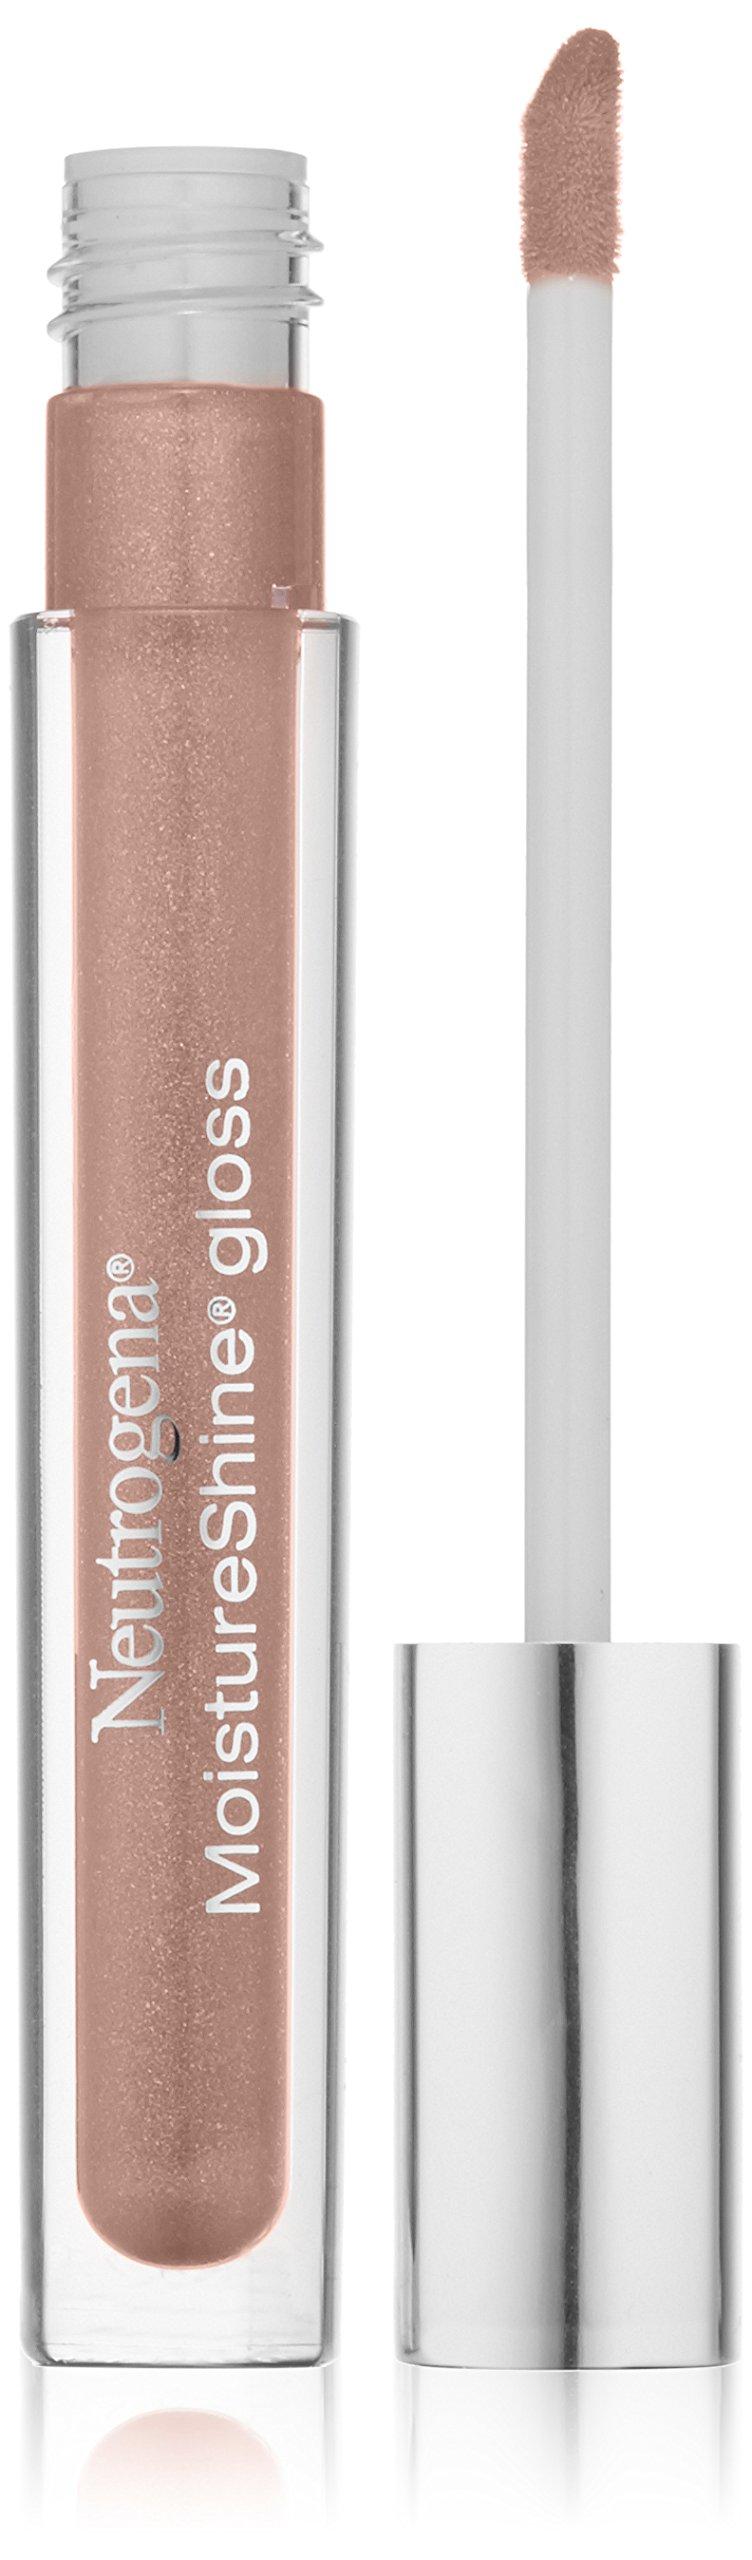 Neutrogena Moistureshine Gloss, Natural Boost 200, .12 Oz